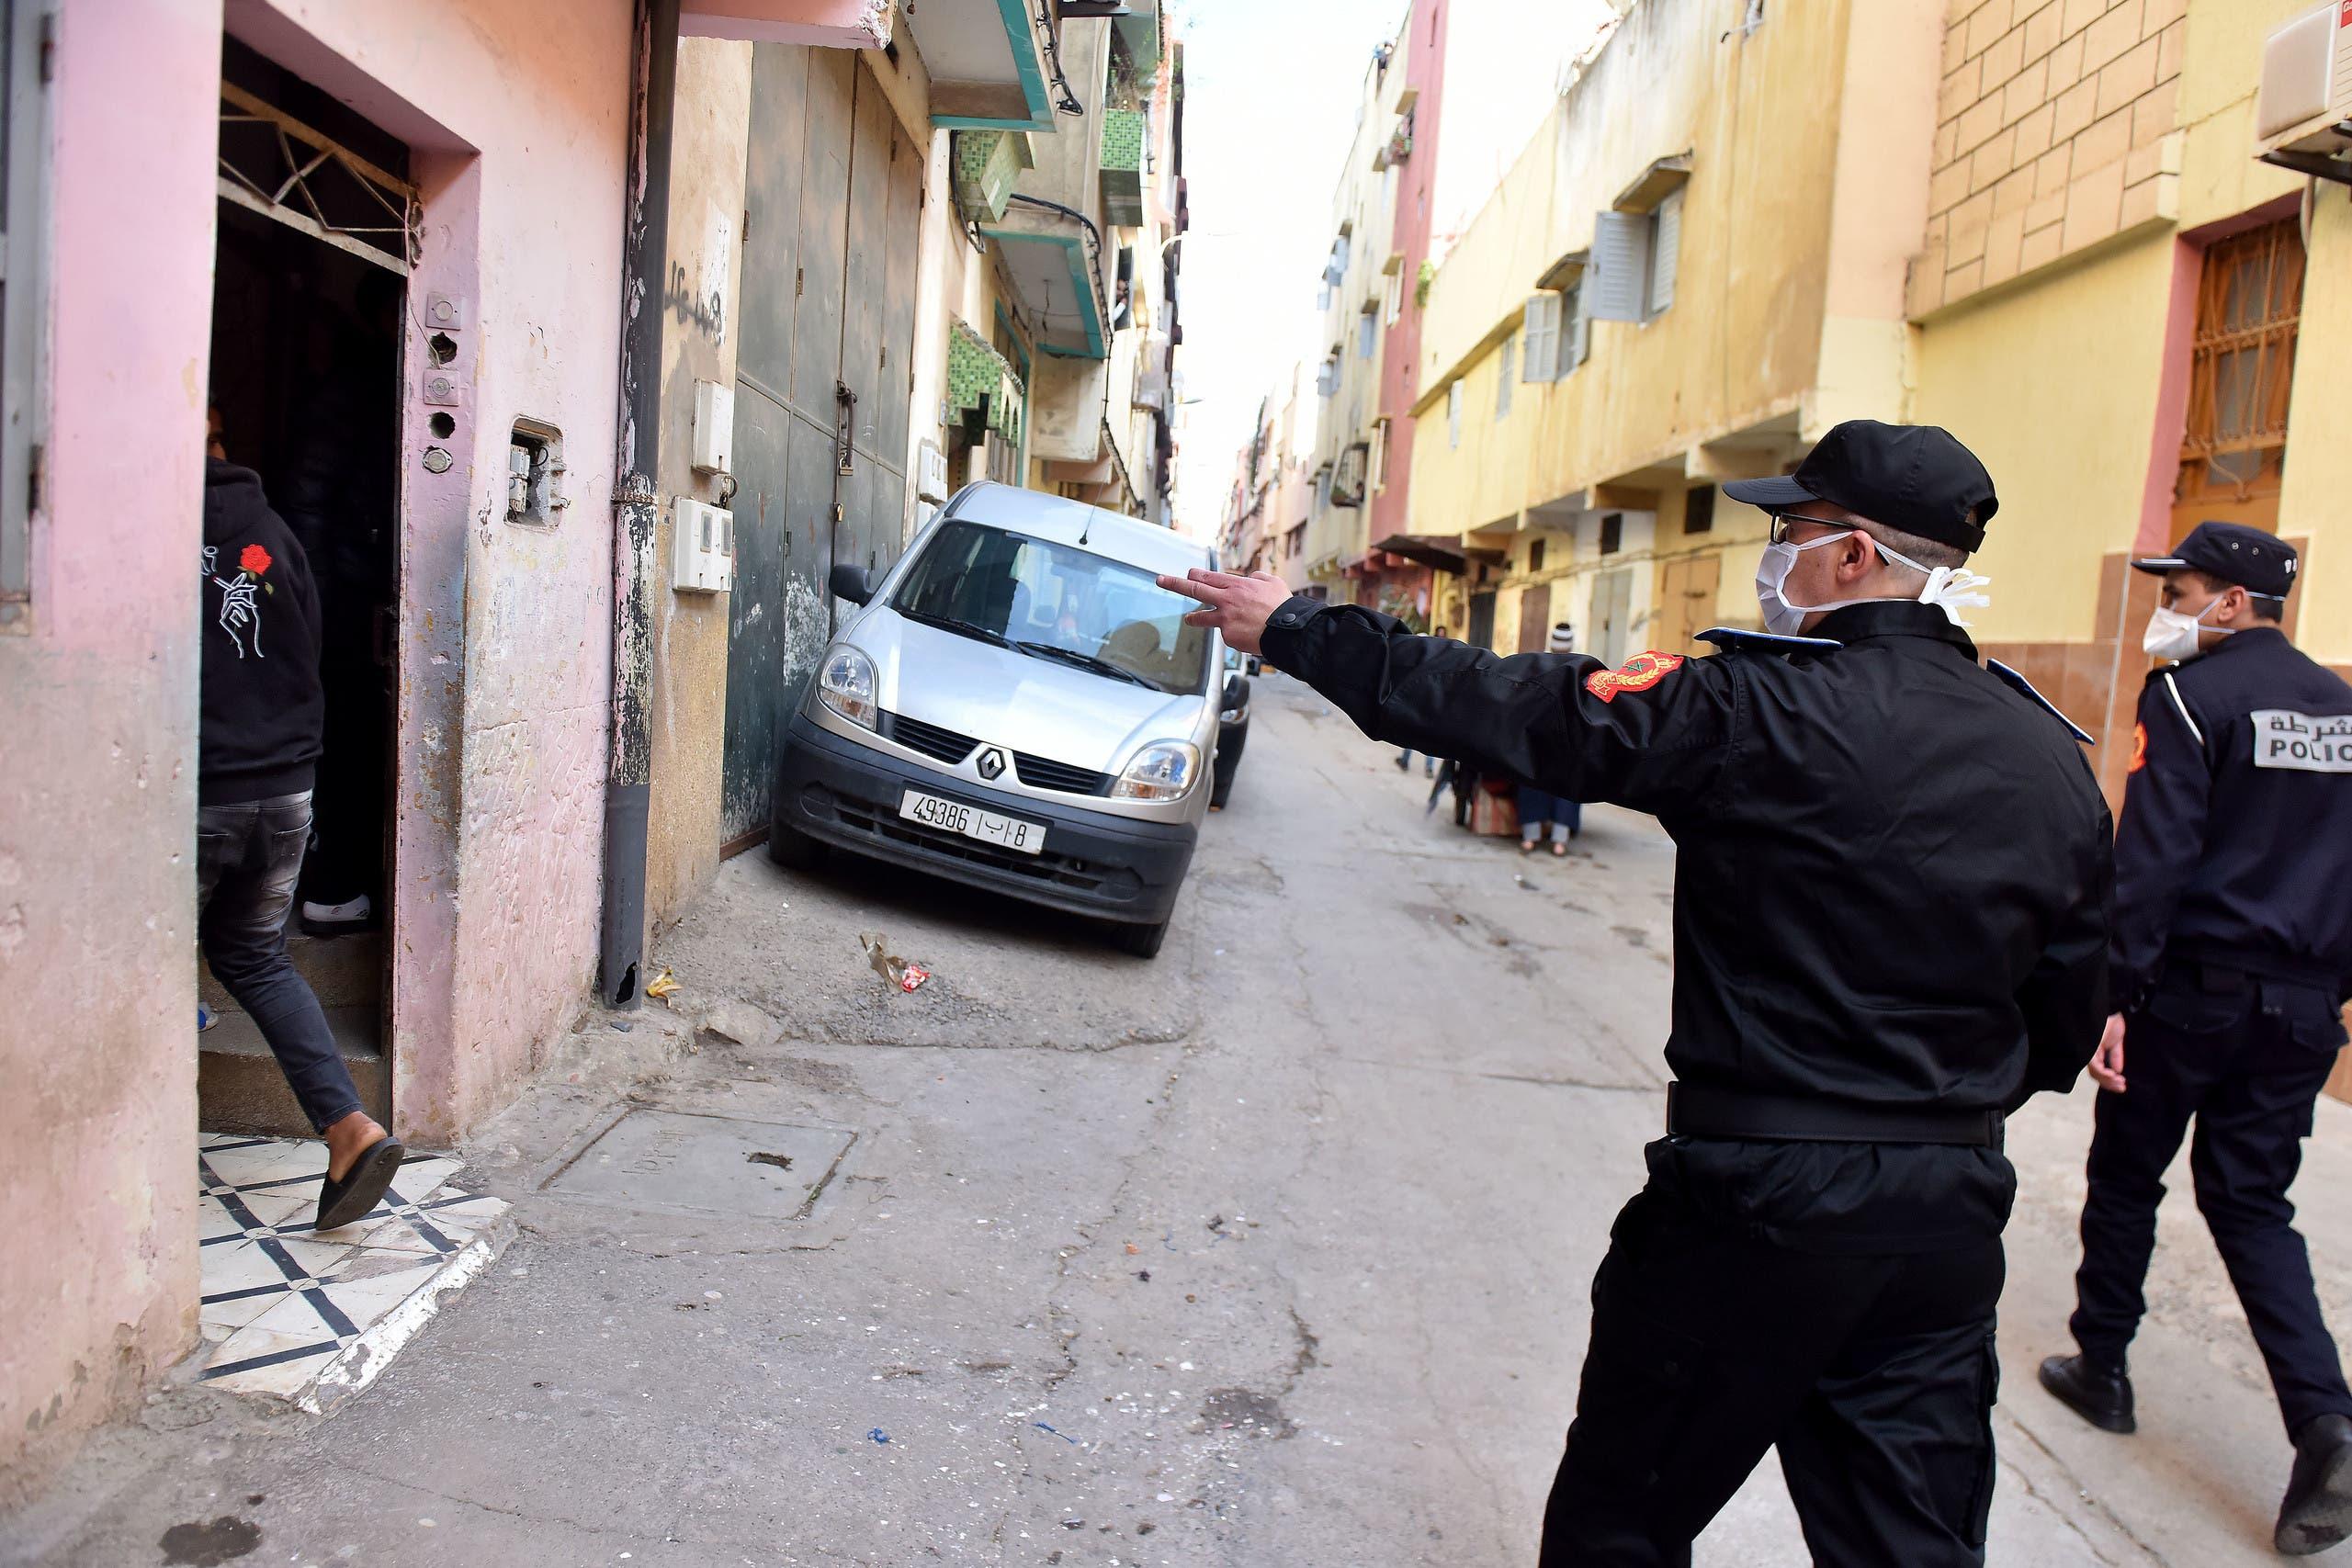 الشرطة قي الانبعاث أكبر حي شعبي في مدينة سلا بقرب العاصمة المغربية الرباط